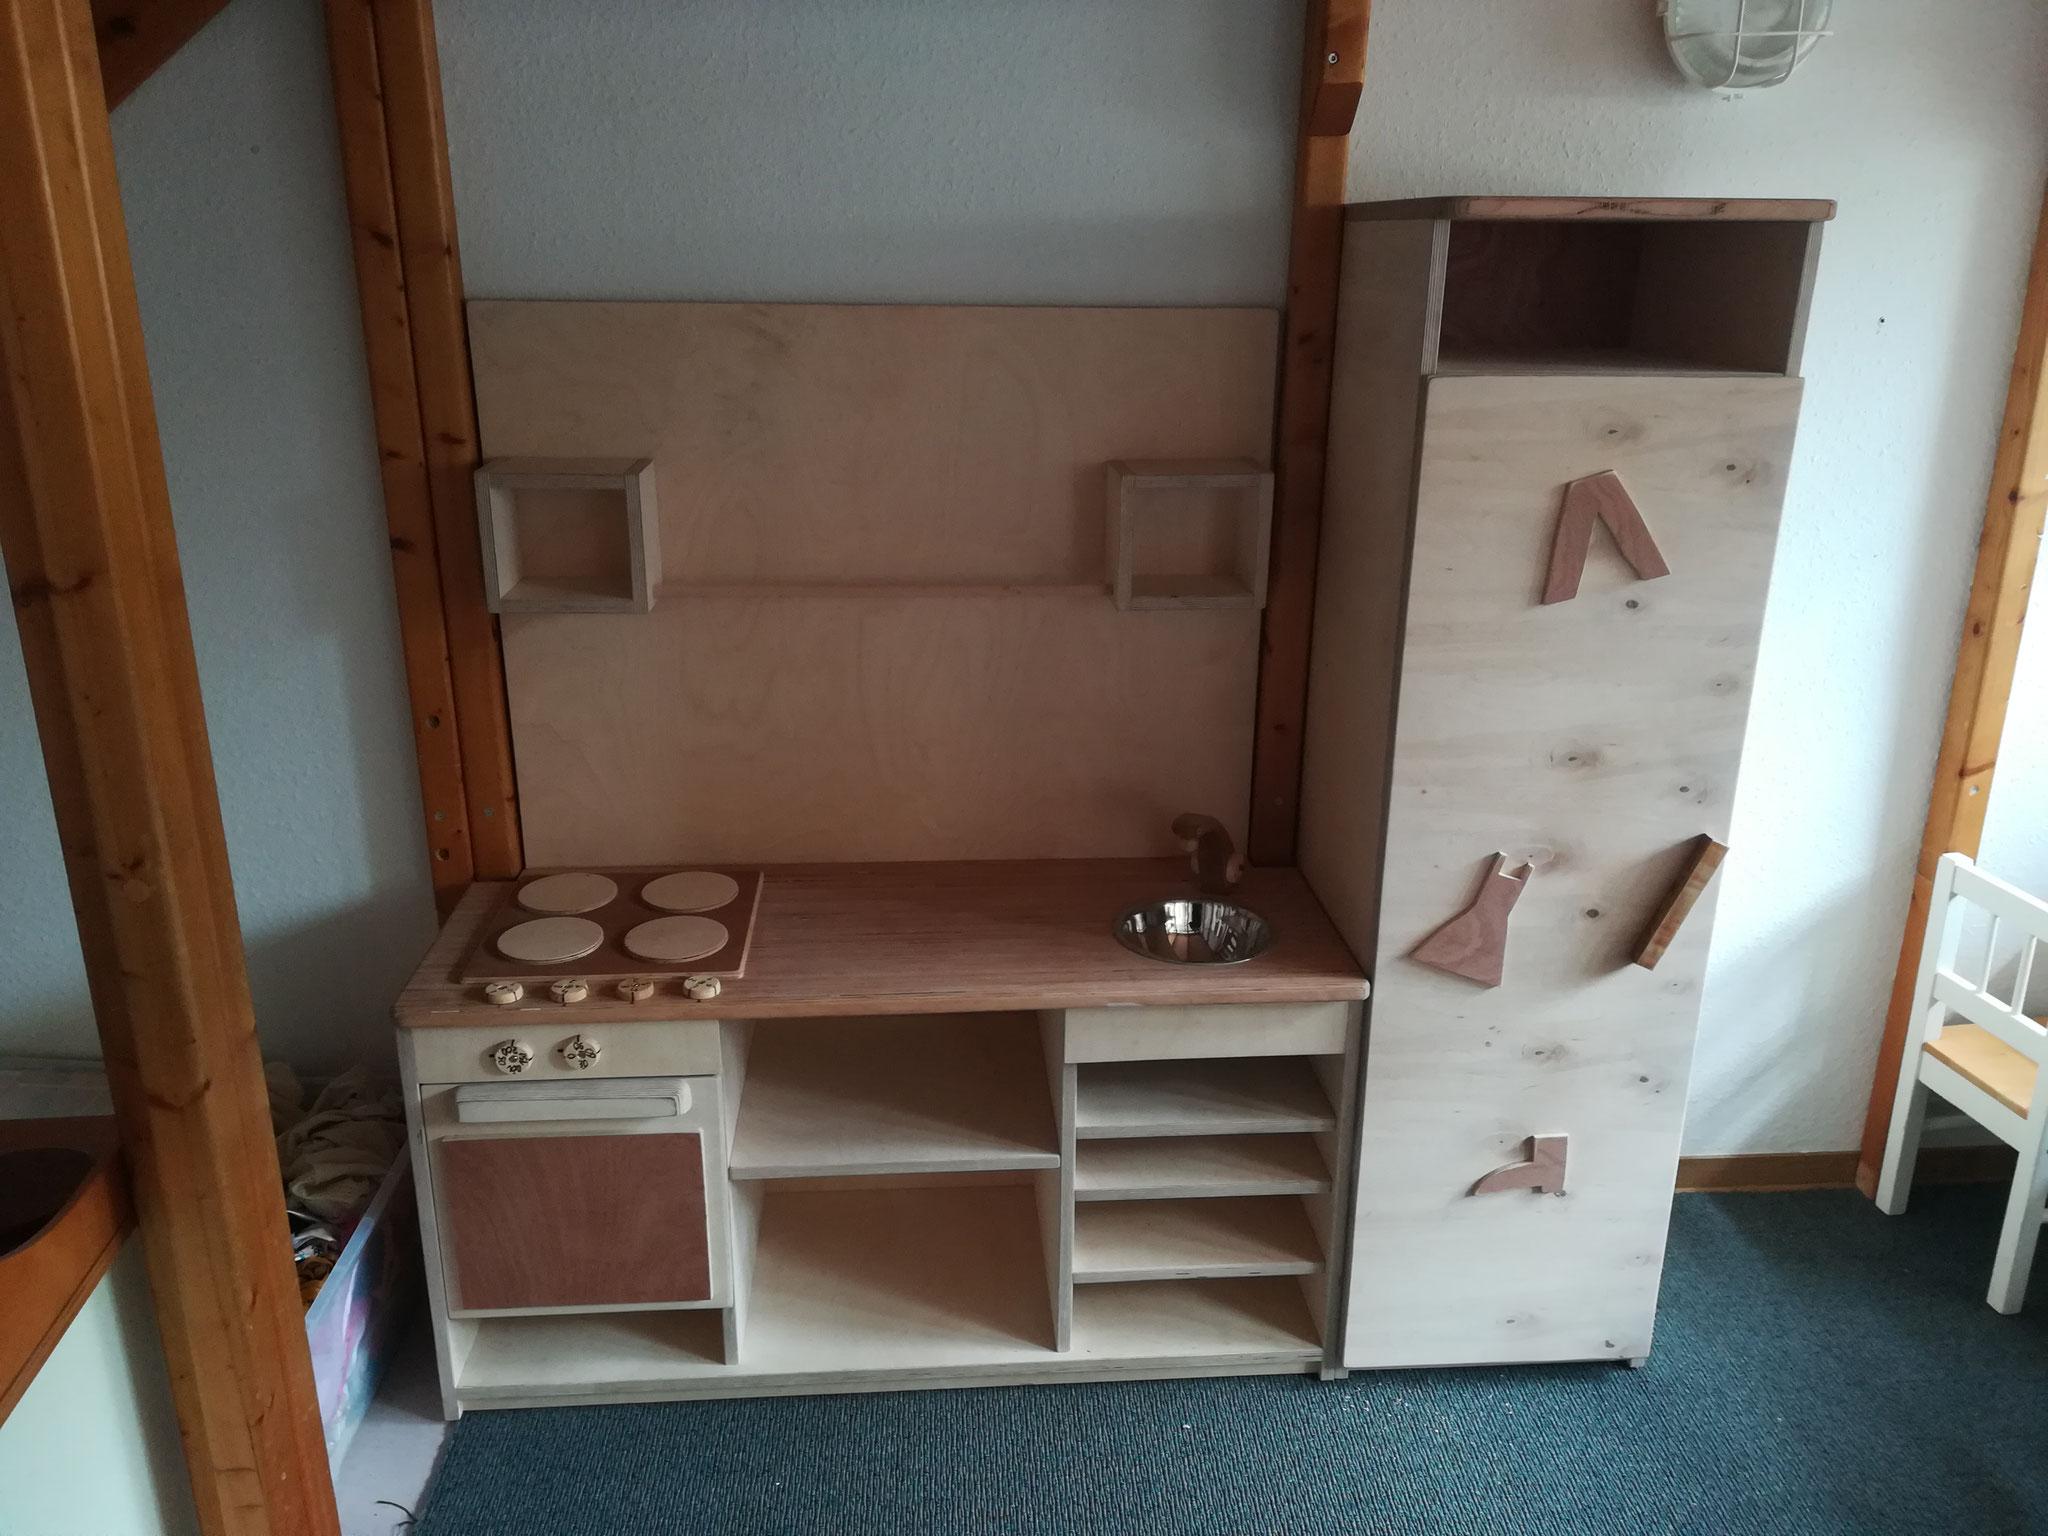 Küche und Kleiderschrank im Kindergarten